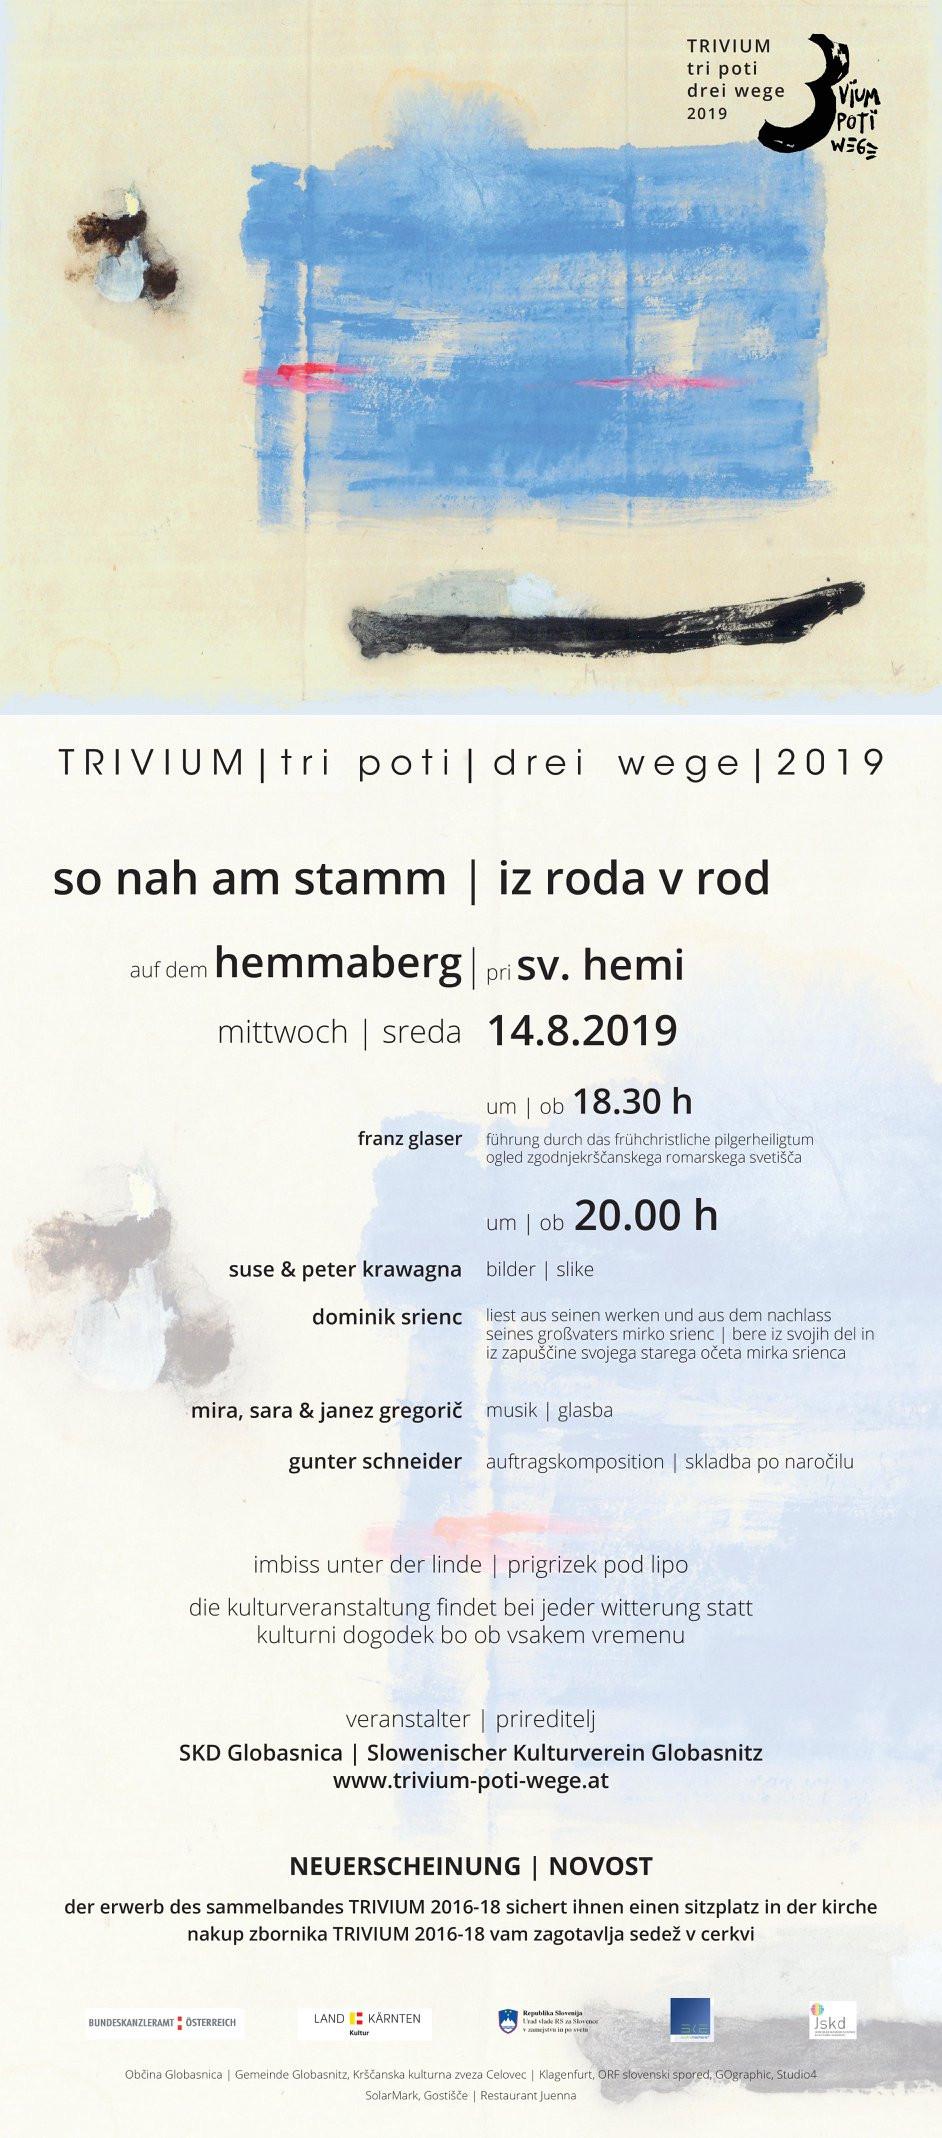 trivium 2019